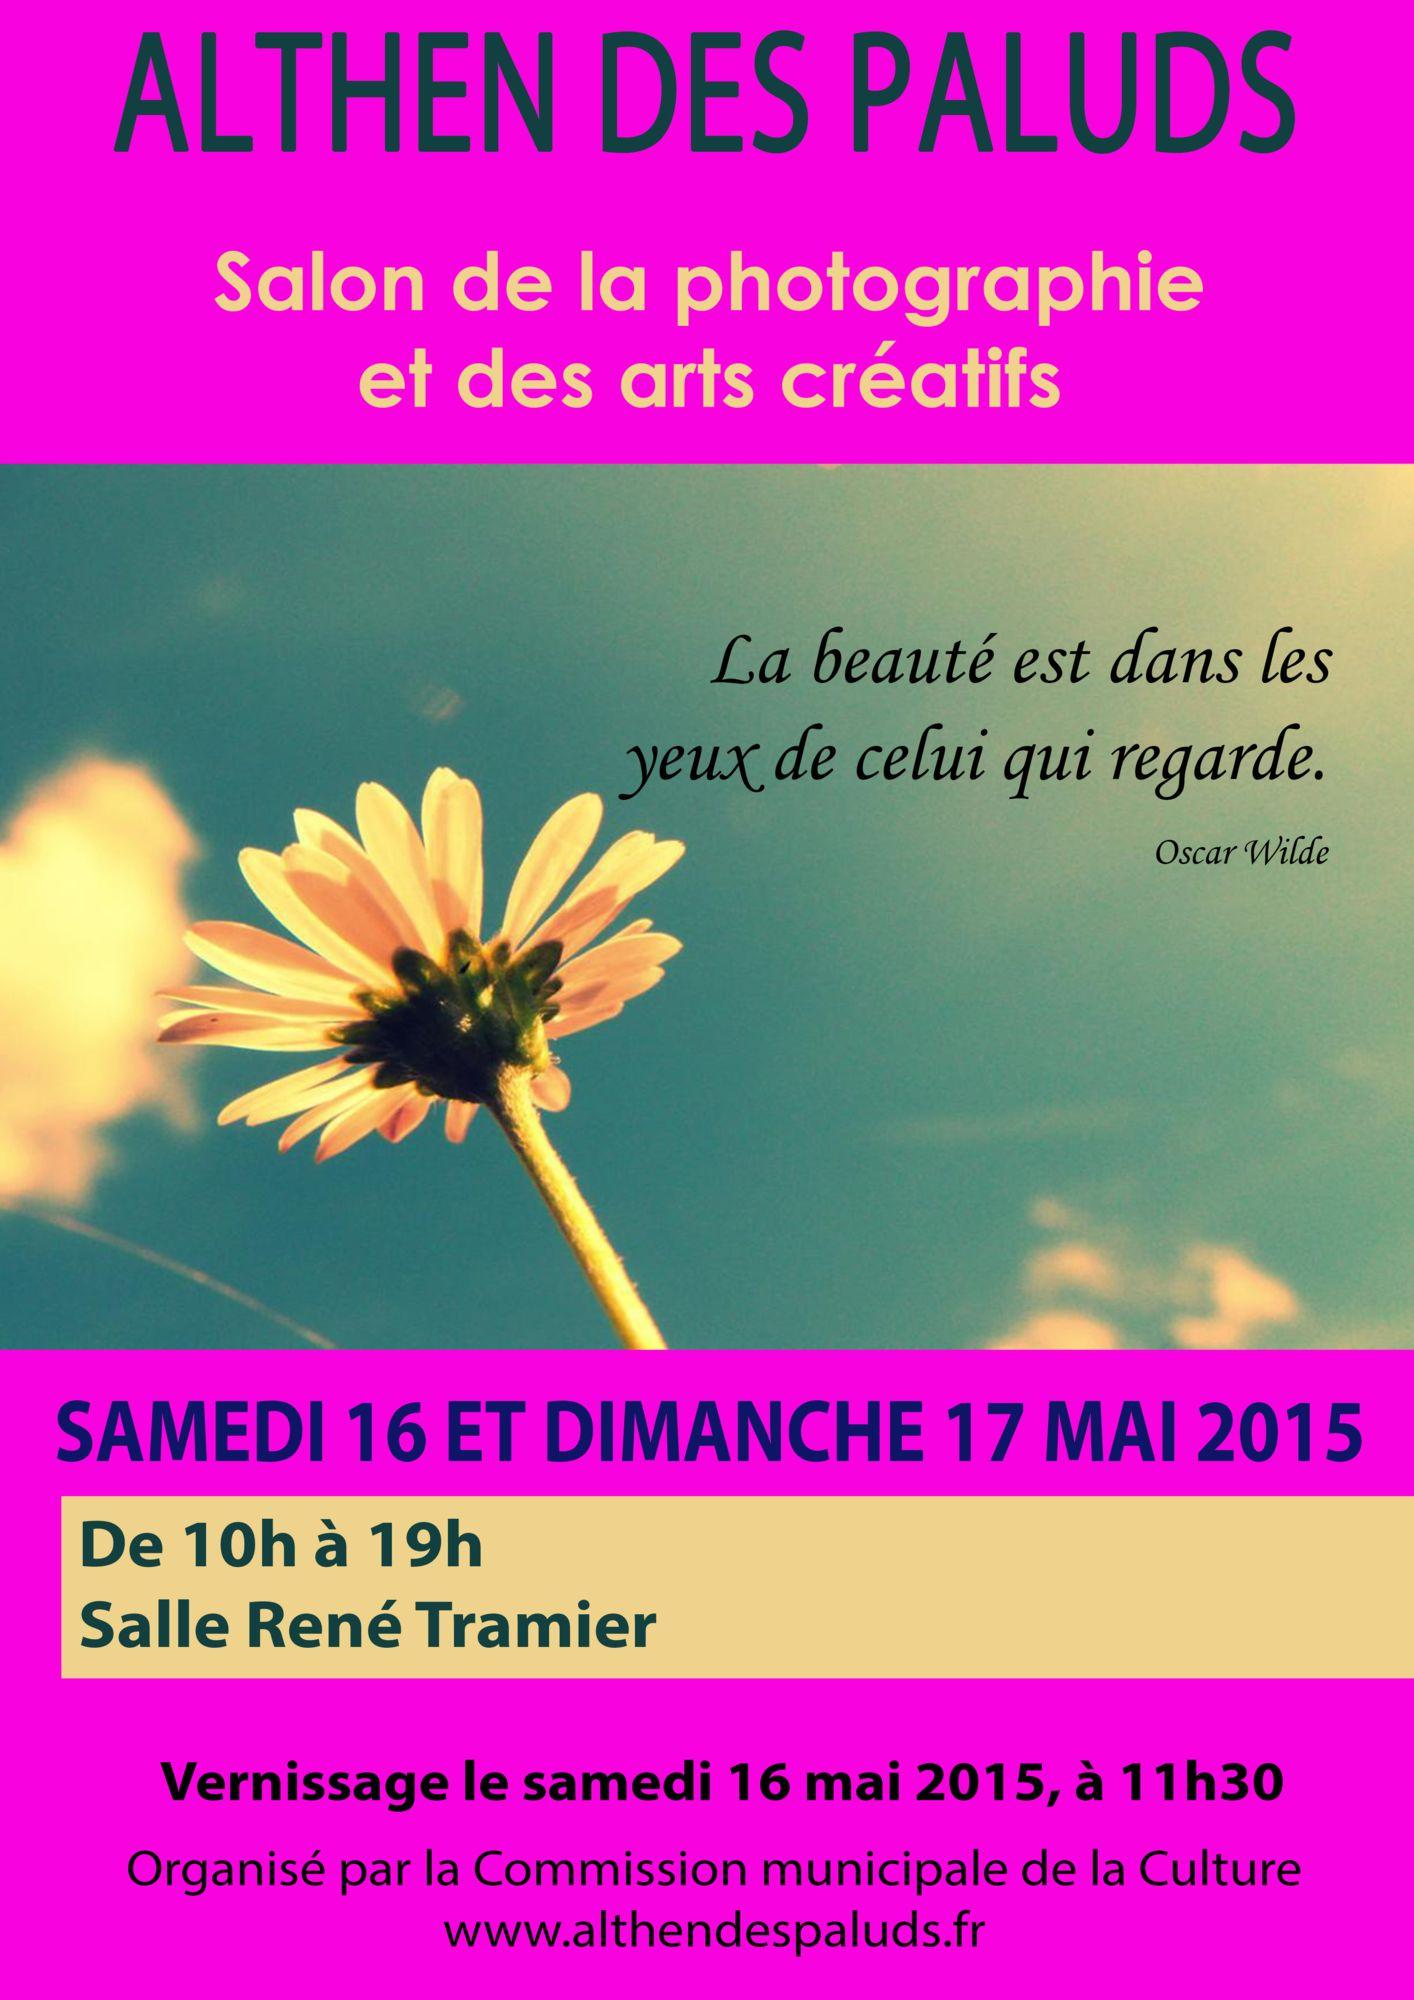 Salon de la photographie et des arts cr atifs althen des - Salon des arts creatifs ...